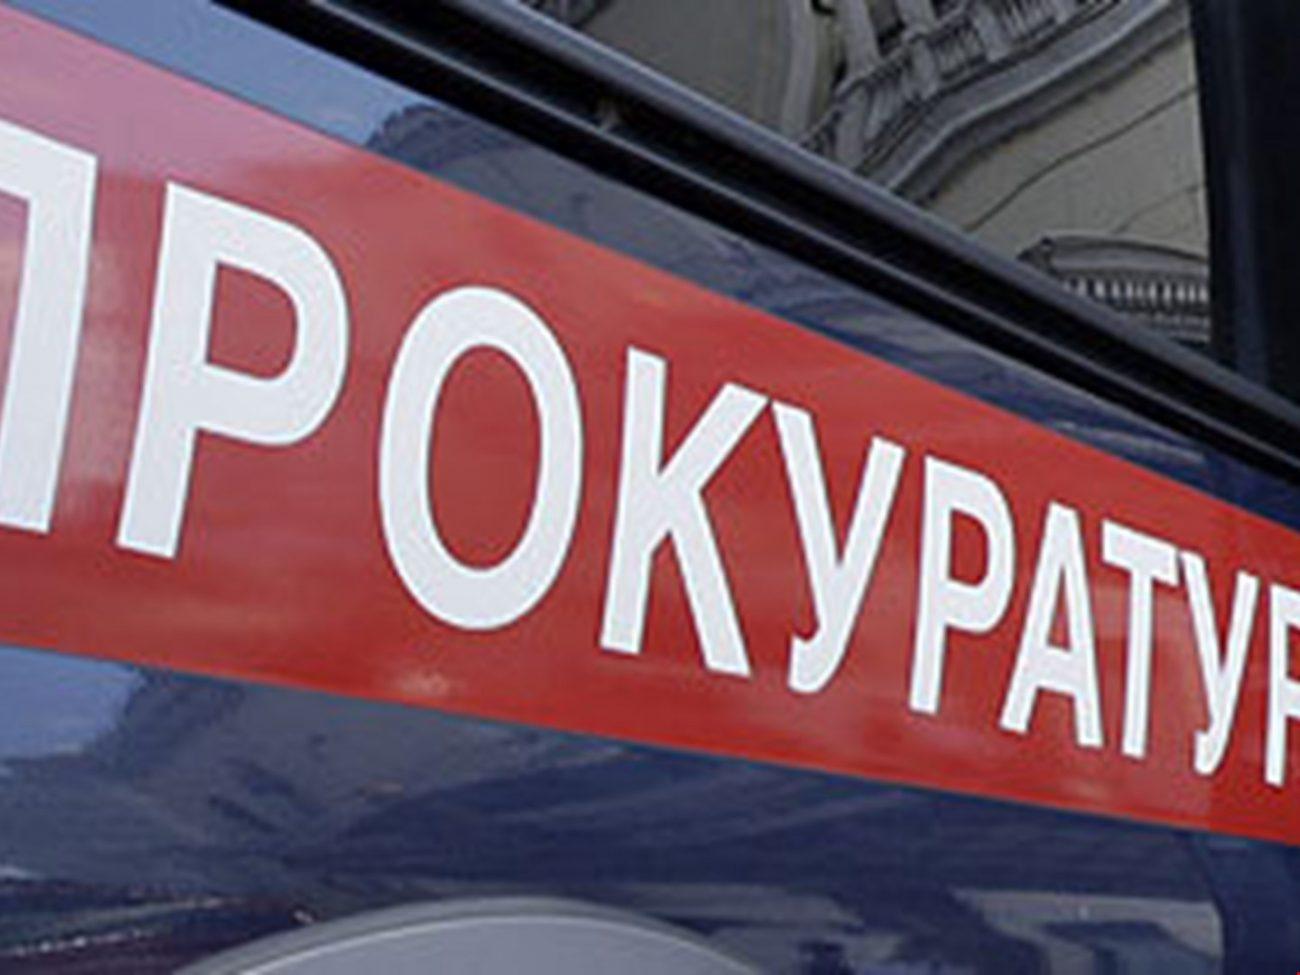 2e0adc14 79d5 4e7a 9bce d6900de3c9a9 - Почти сенсация: чиновники Сургута наслали прокуратуру на самих себя